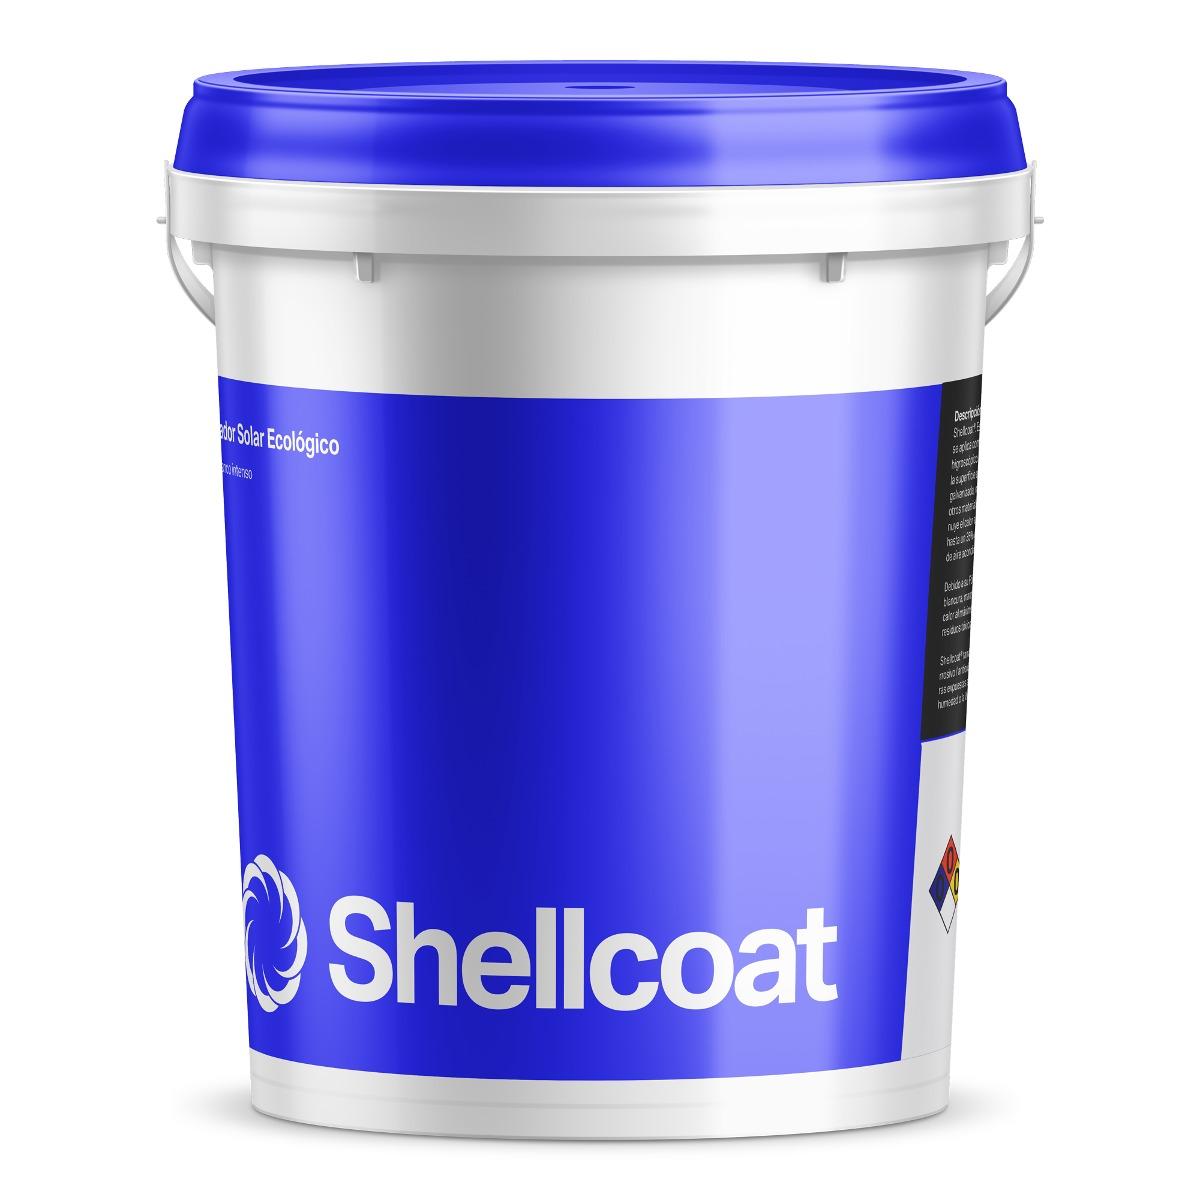 pintura aislante térmico para techos y paredes shellcoat